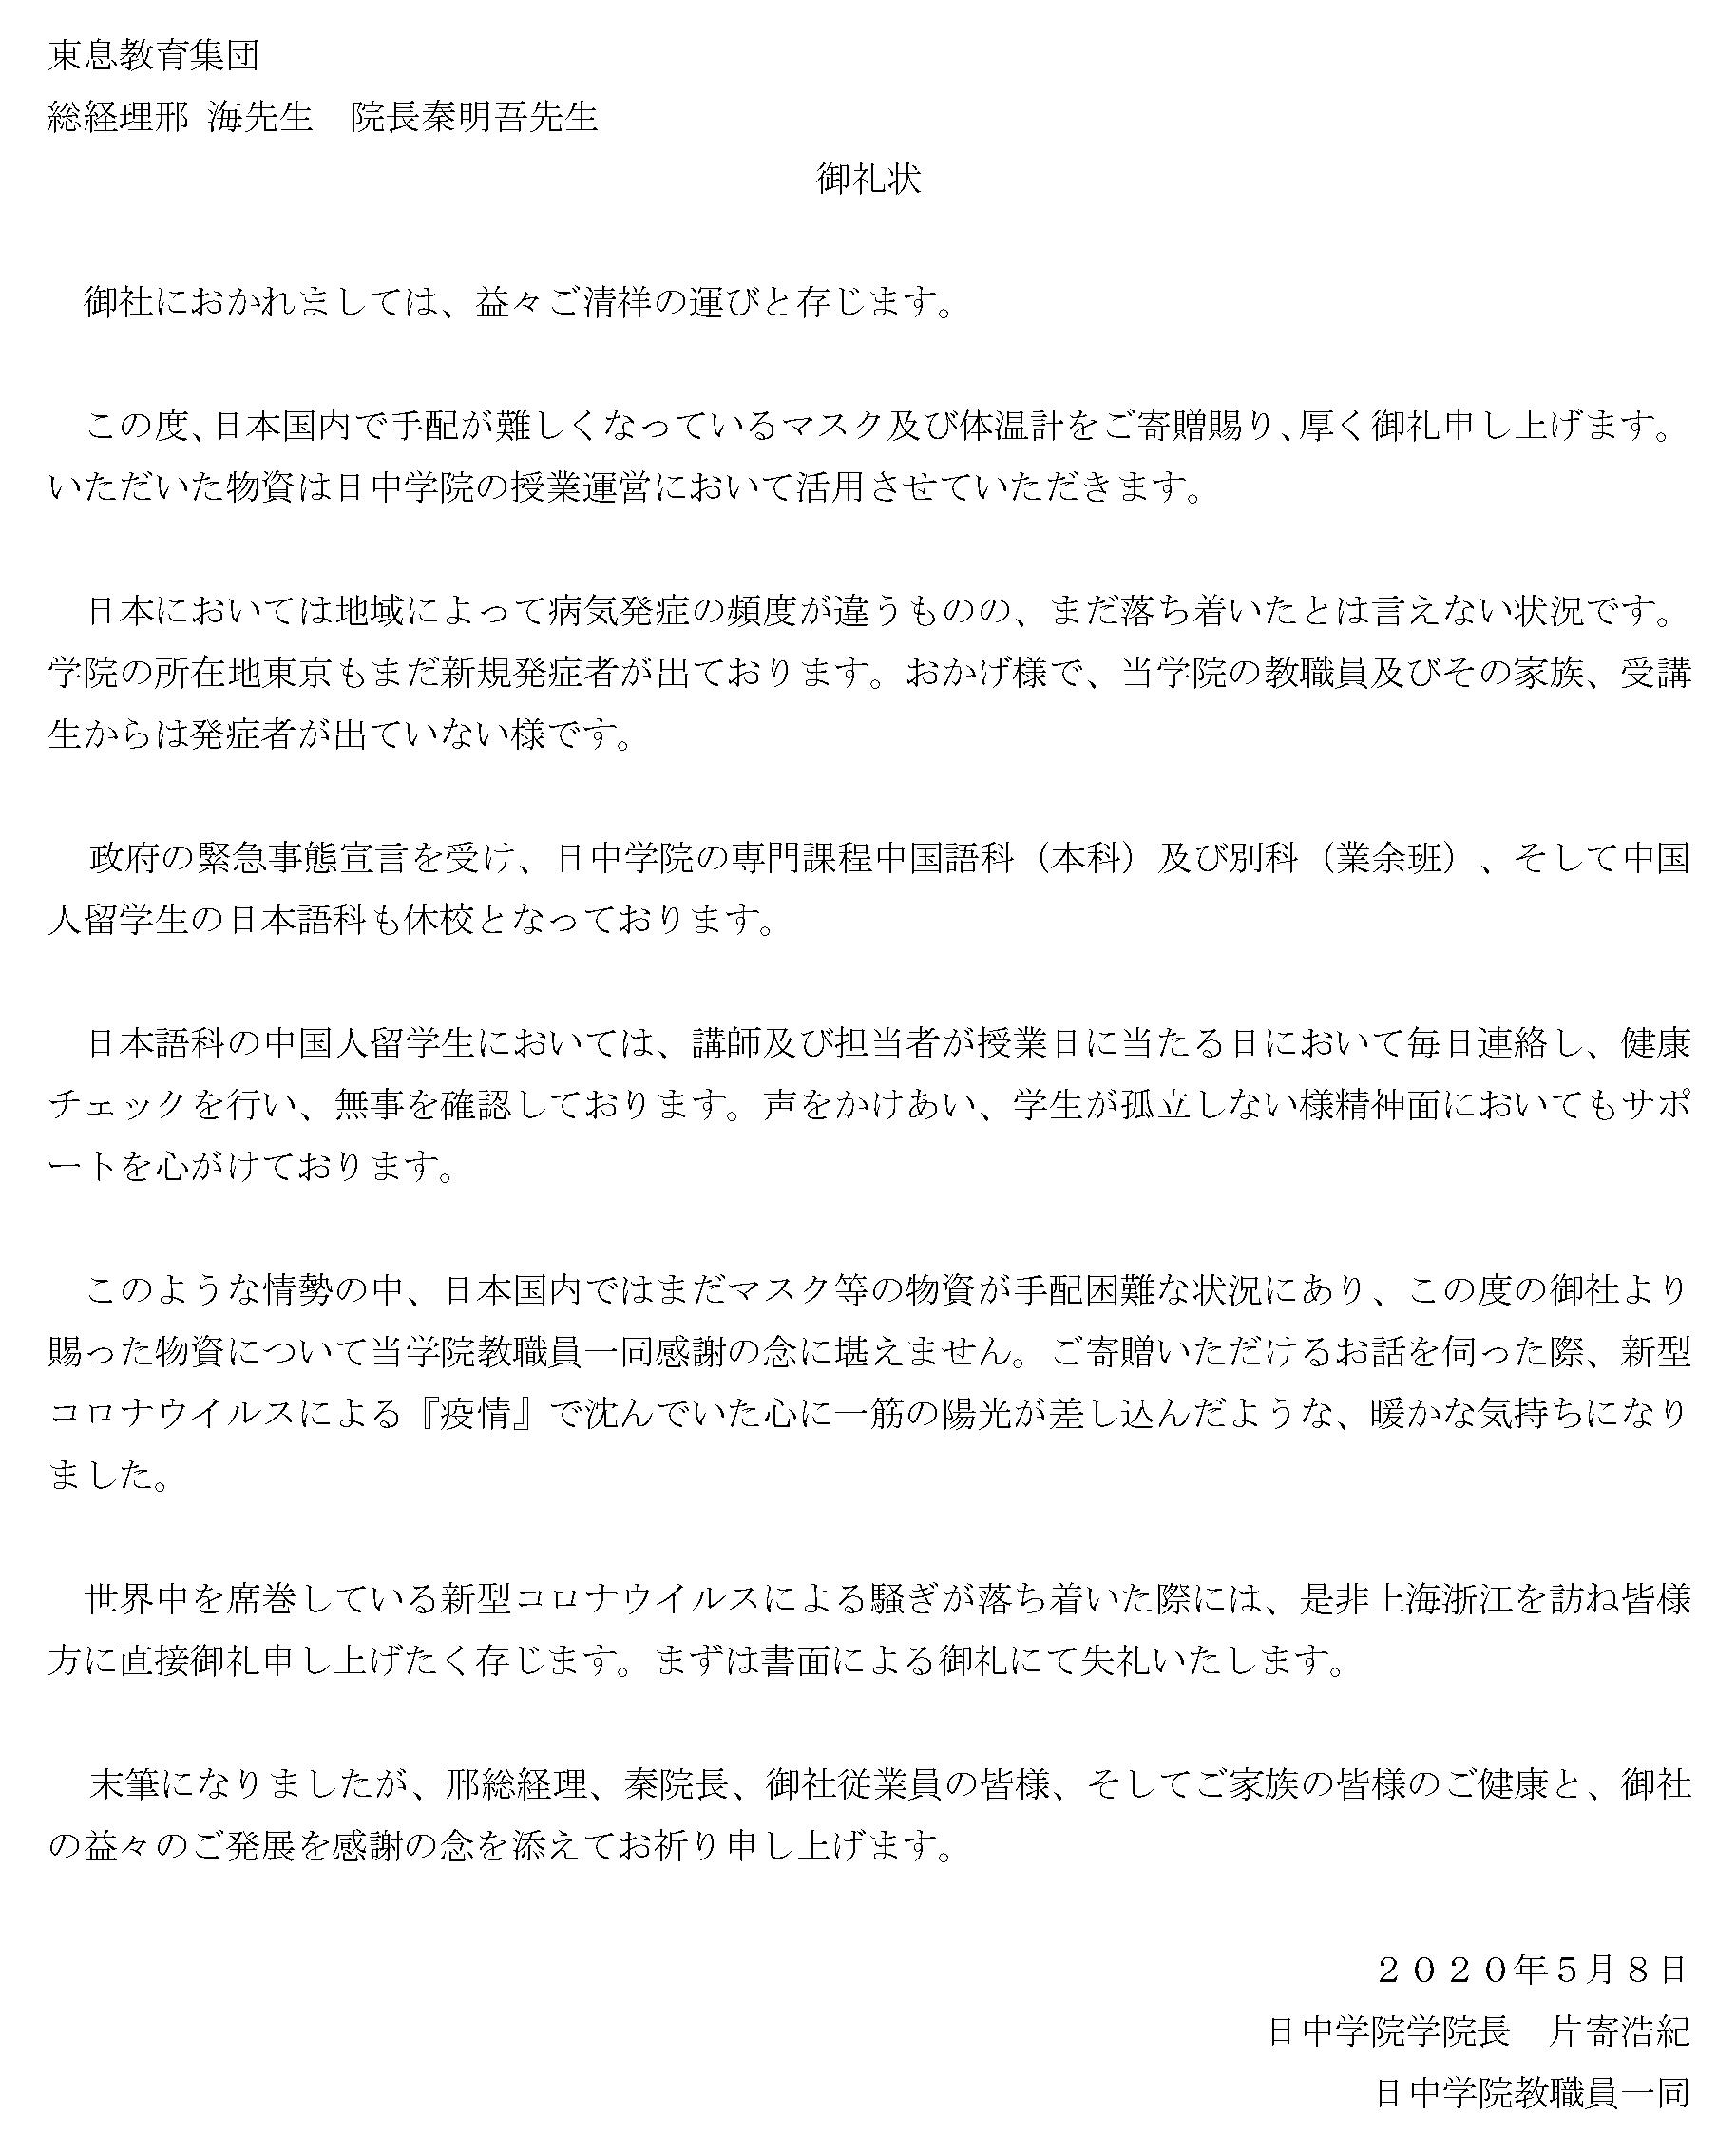 曽 同 青山 両 一道 雲雨 郷 明月 是 何 日本からの支援物資に書かれた文字に「恥ずかしく」なる中国ネットユーザー―中国メディア